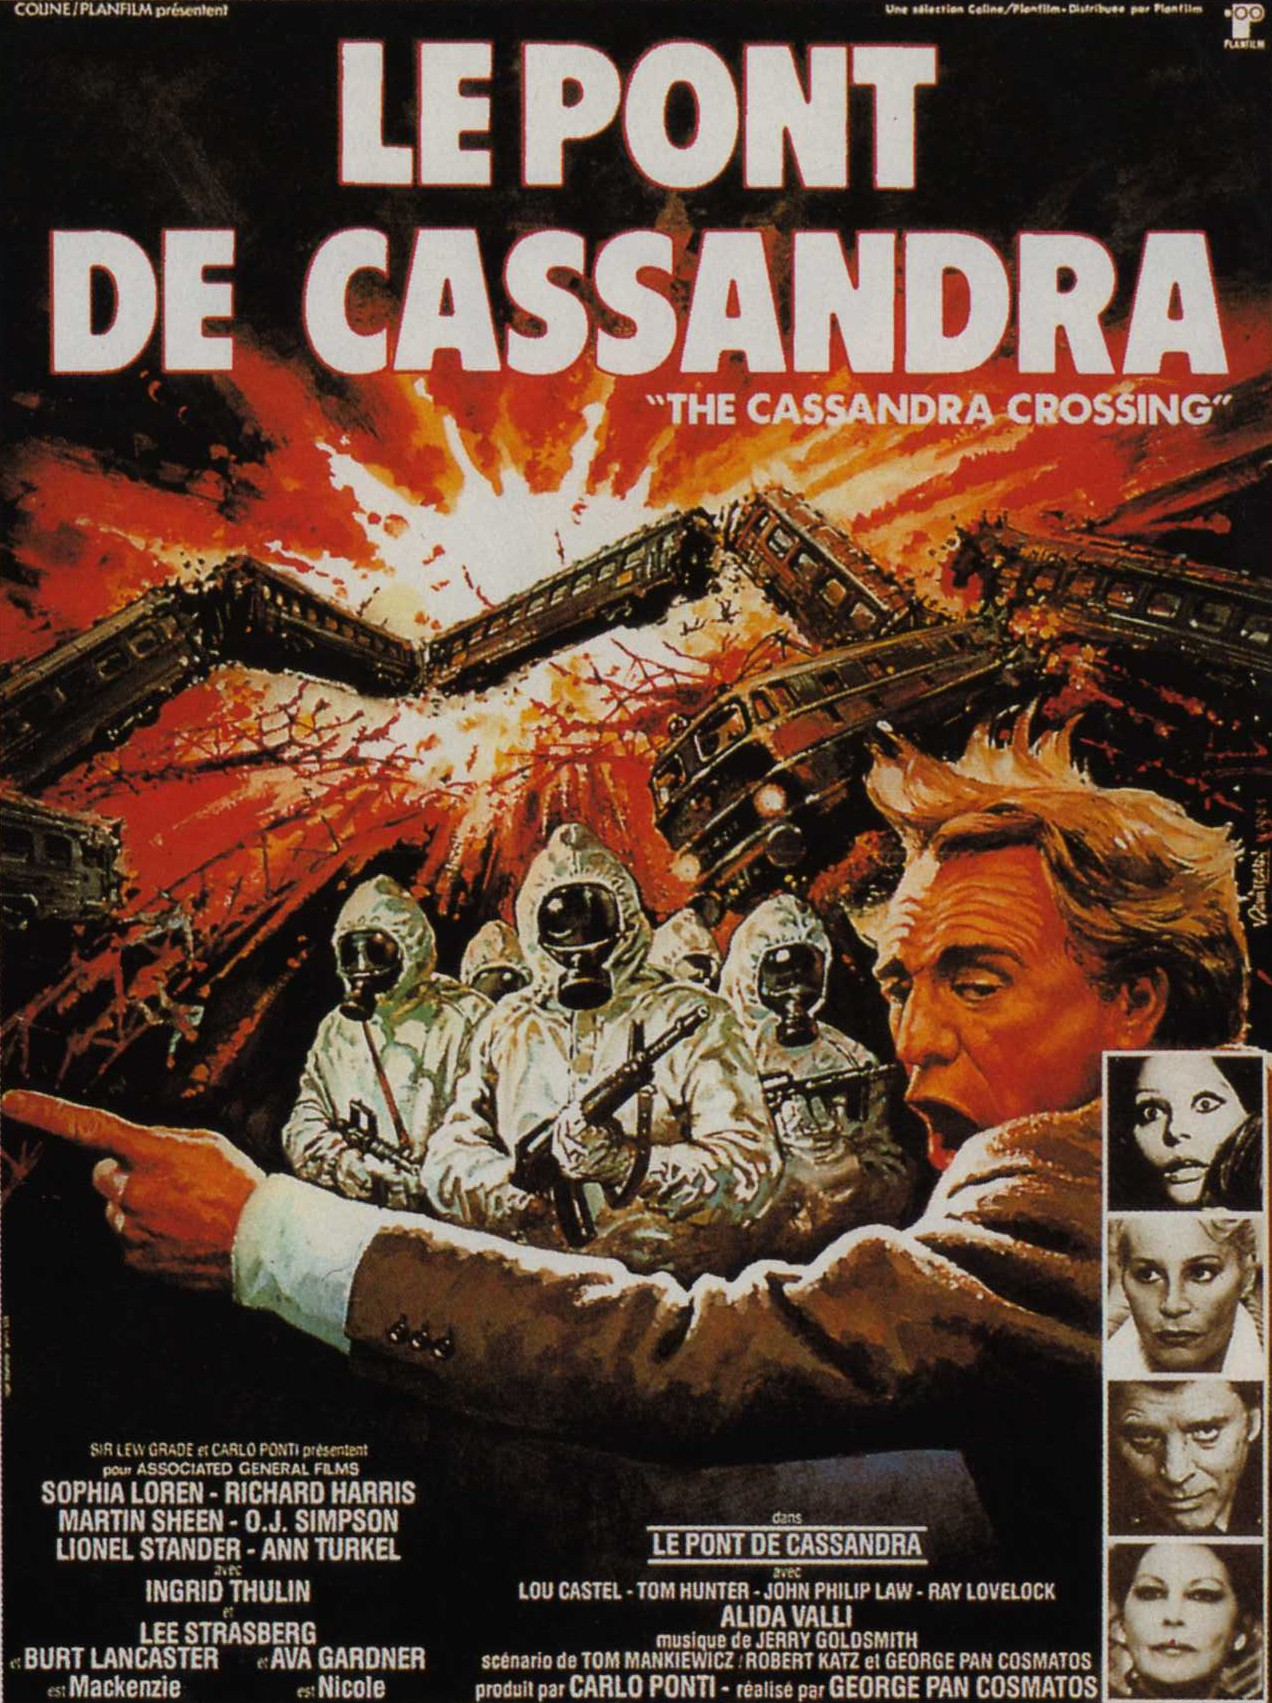 affiche du film Le pont de Cassandra